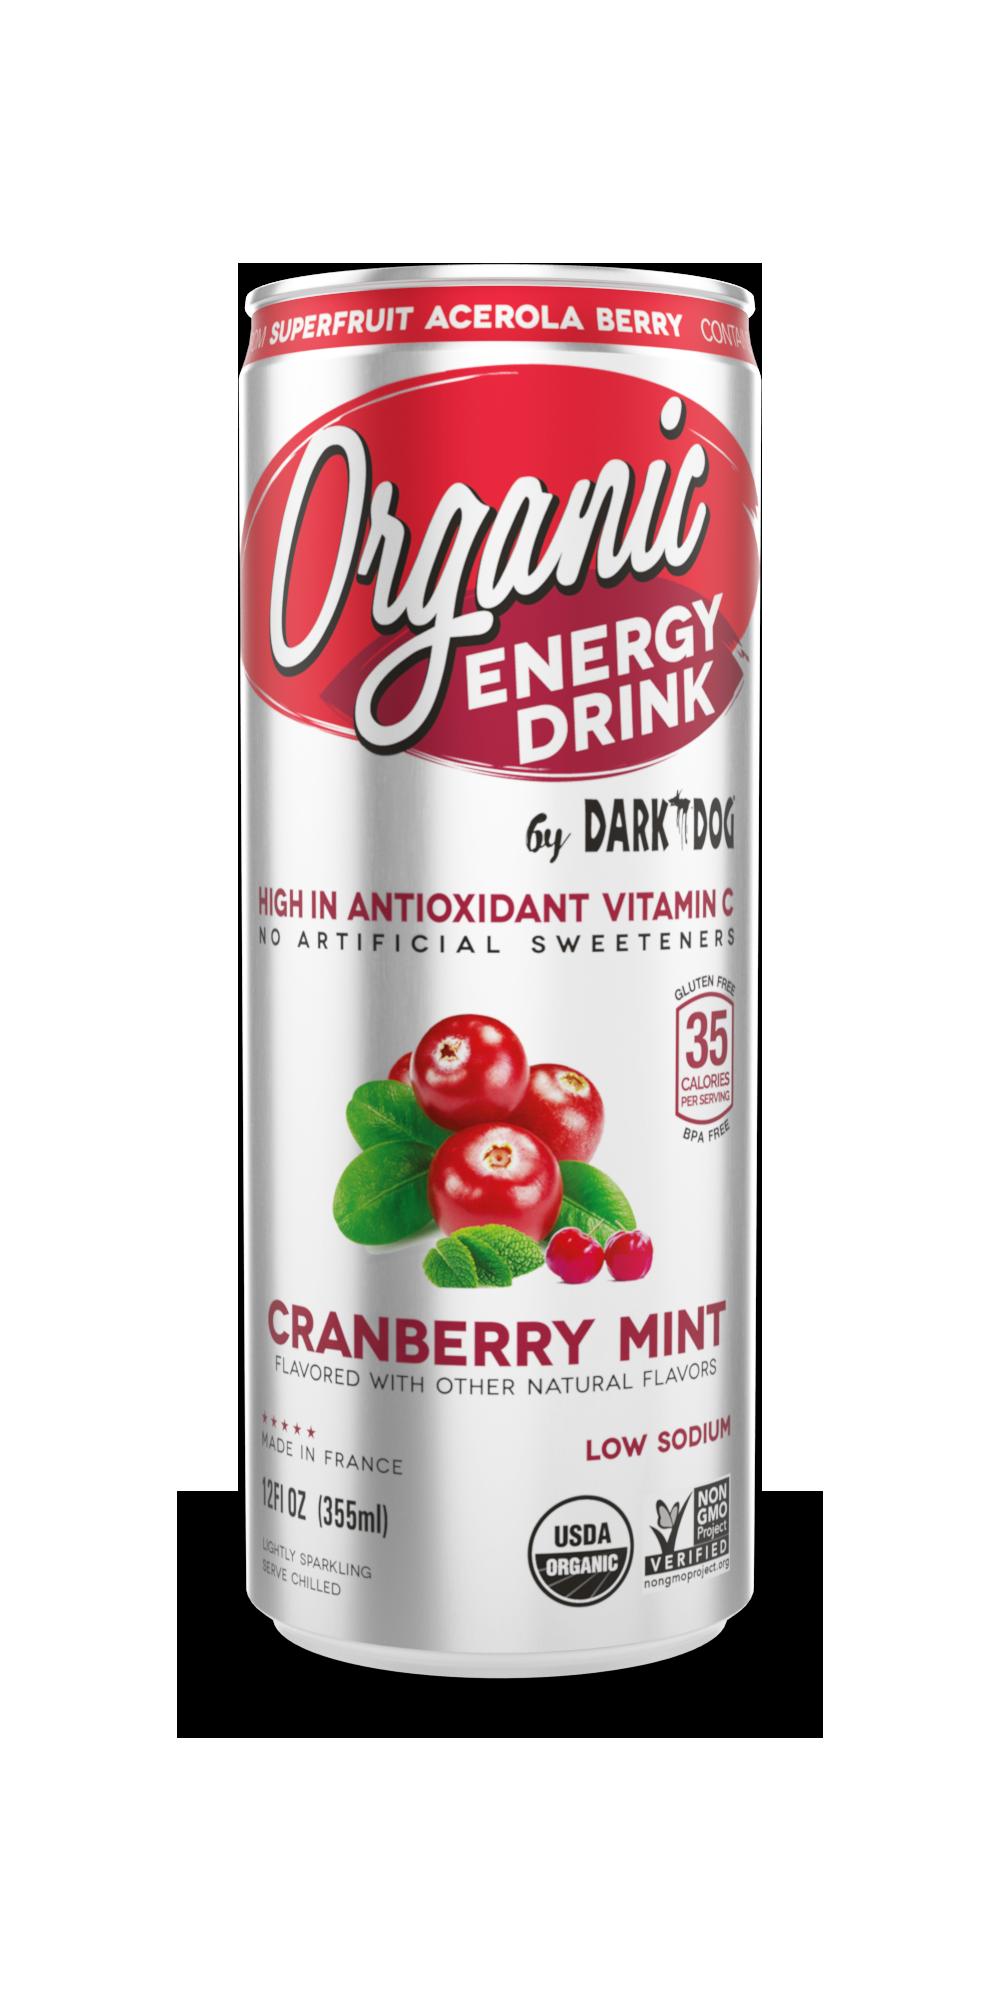 Cranberry Mint